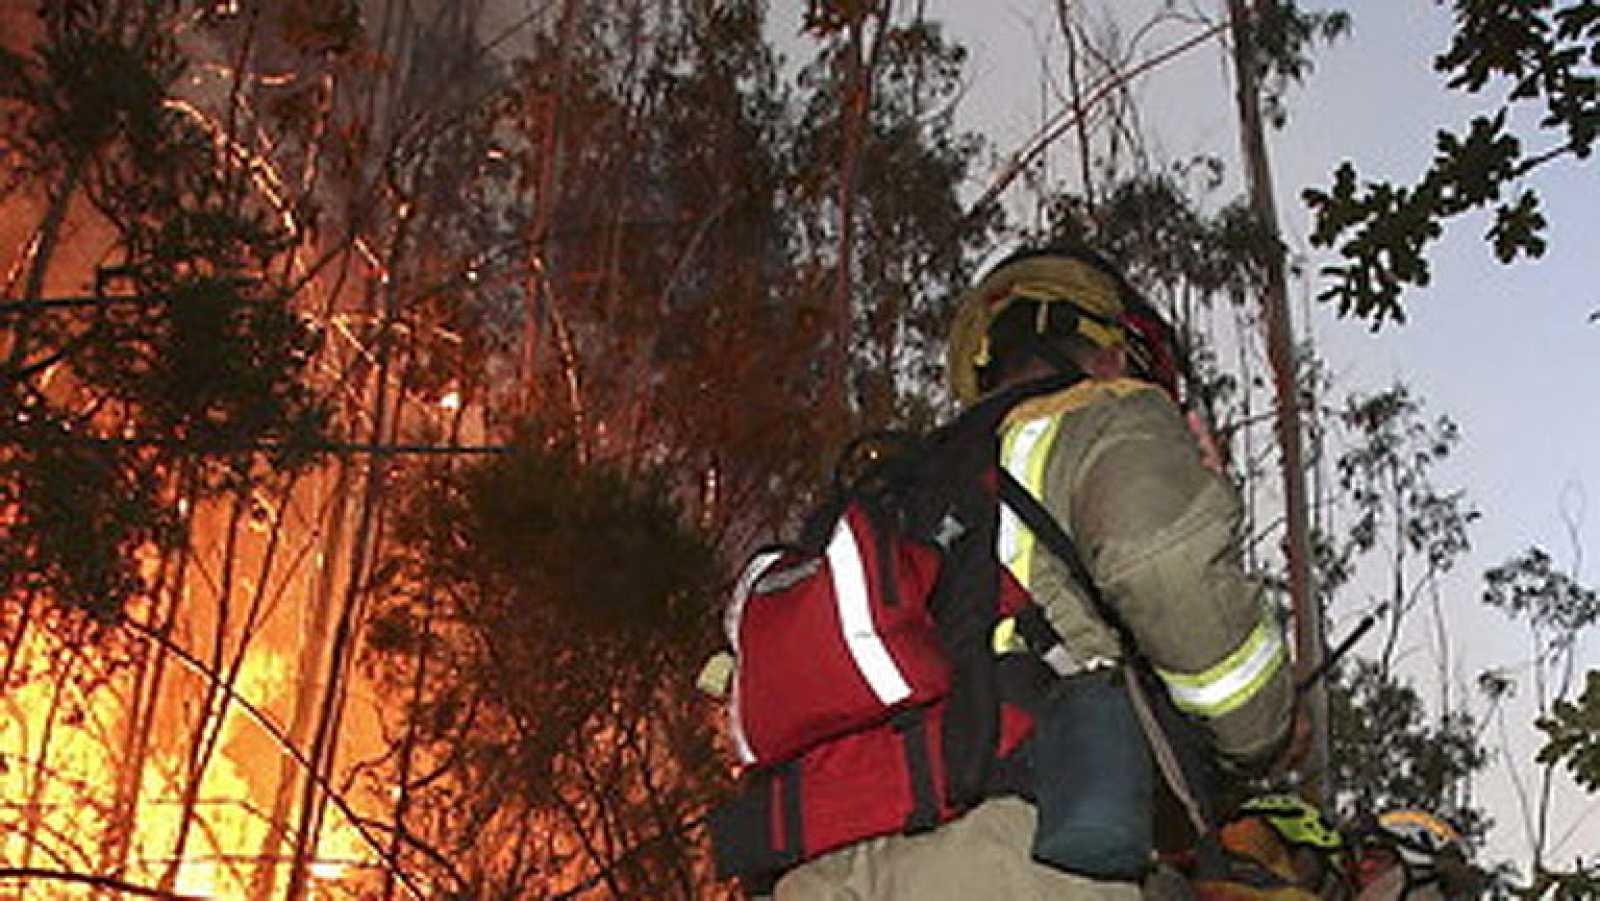 El incendio en el monte Pindo, en A Coruña, sigue activo tras calcinar cerca de 2.000 hectáreas